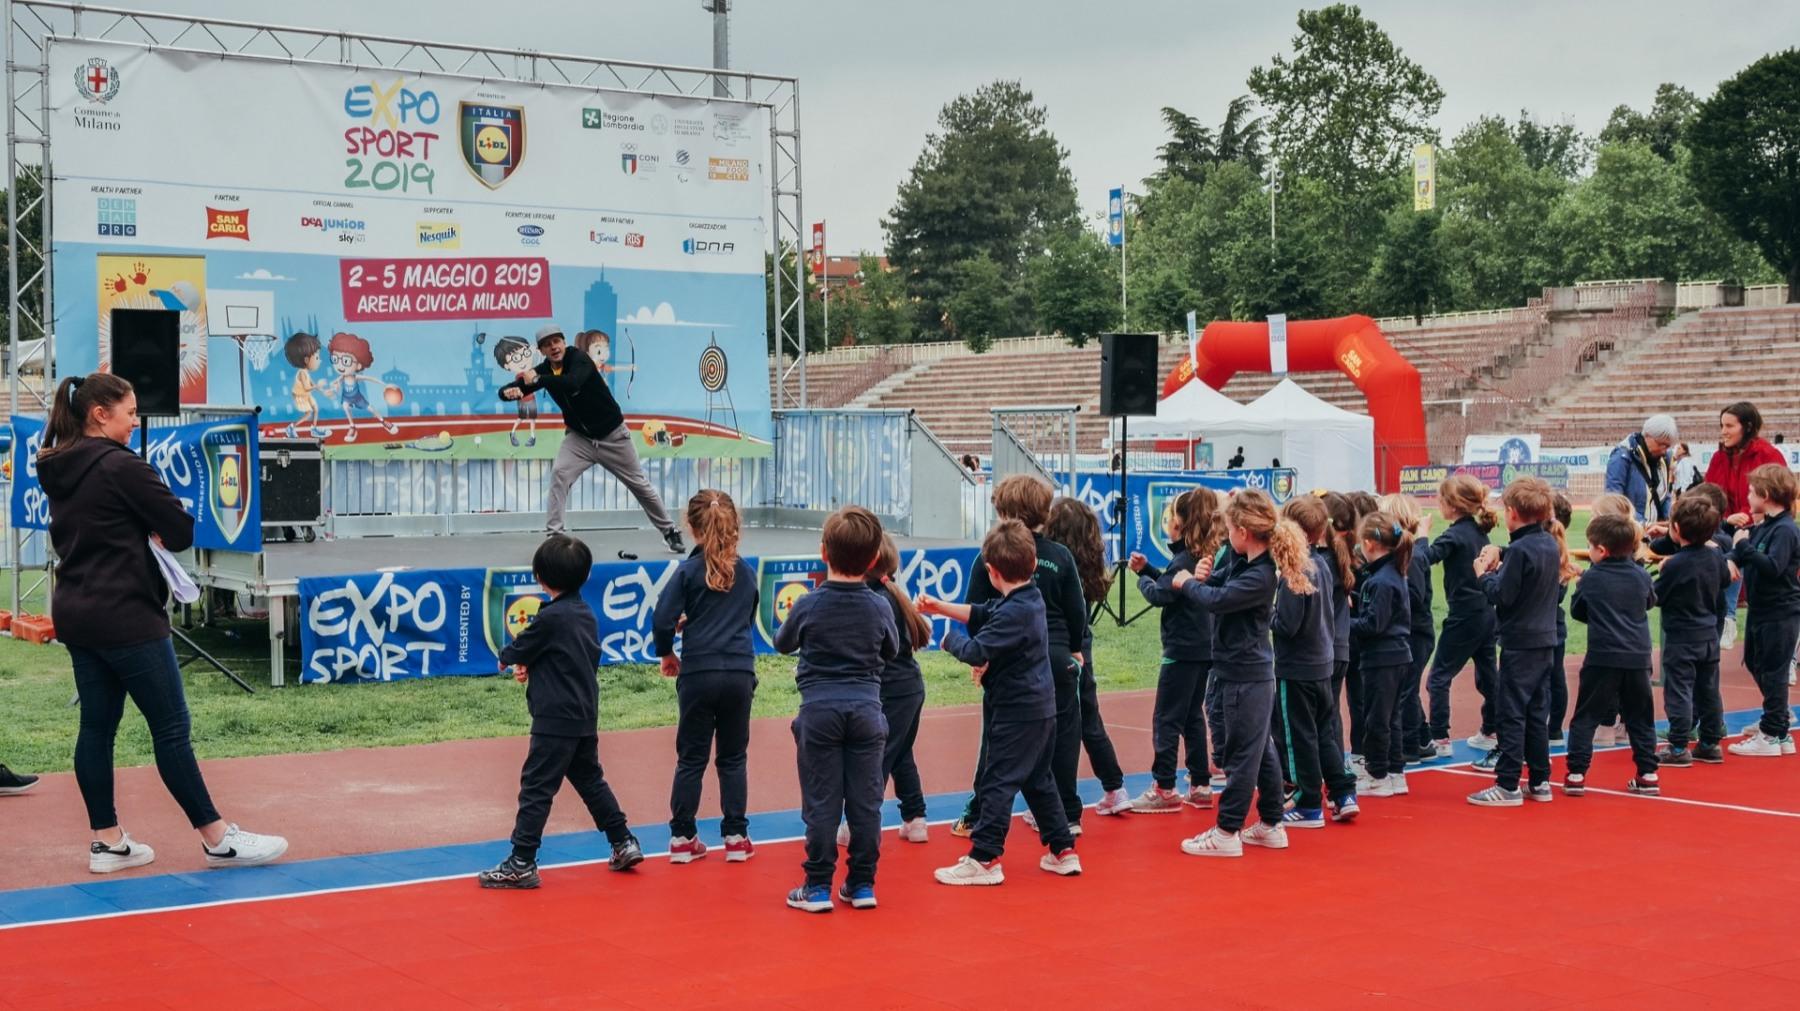 Expo-per-lo-sport-2019-301